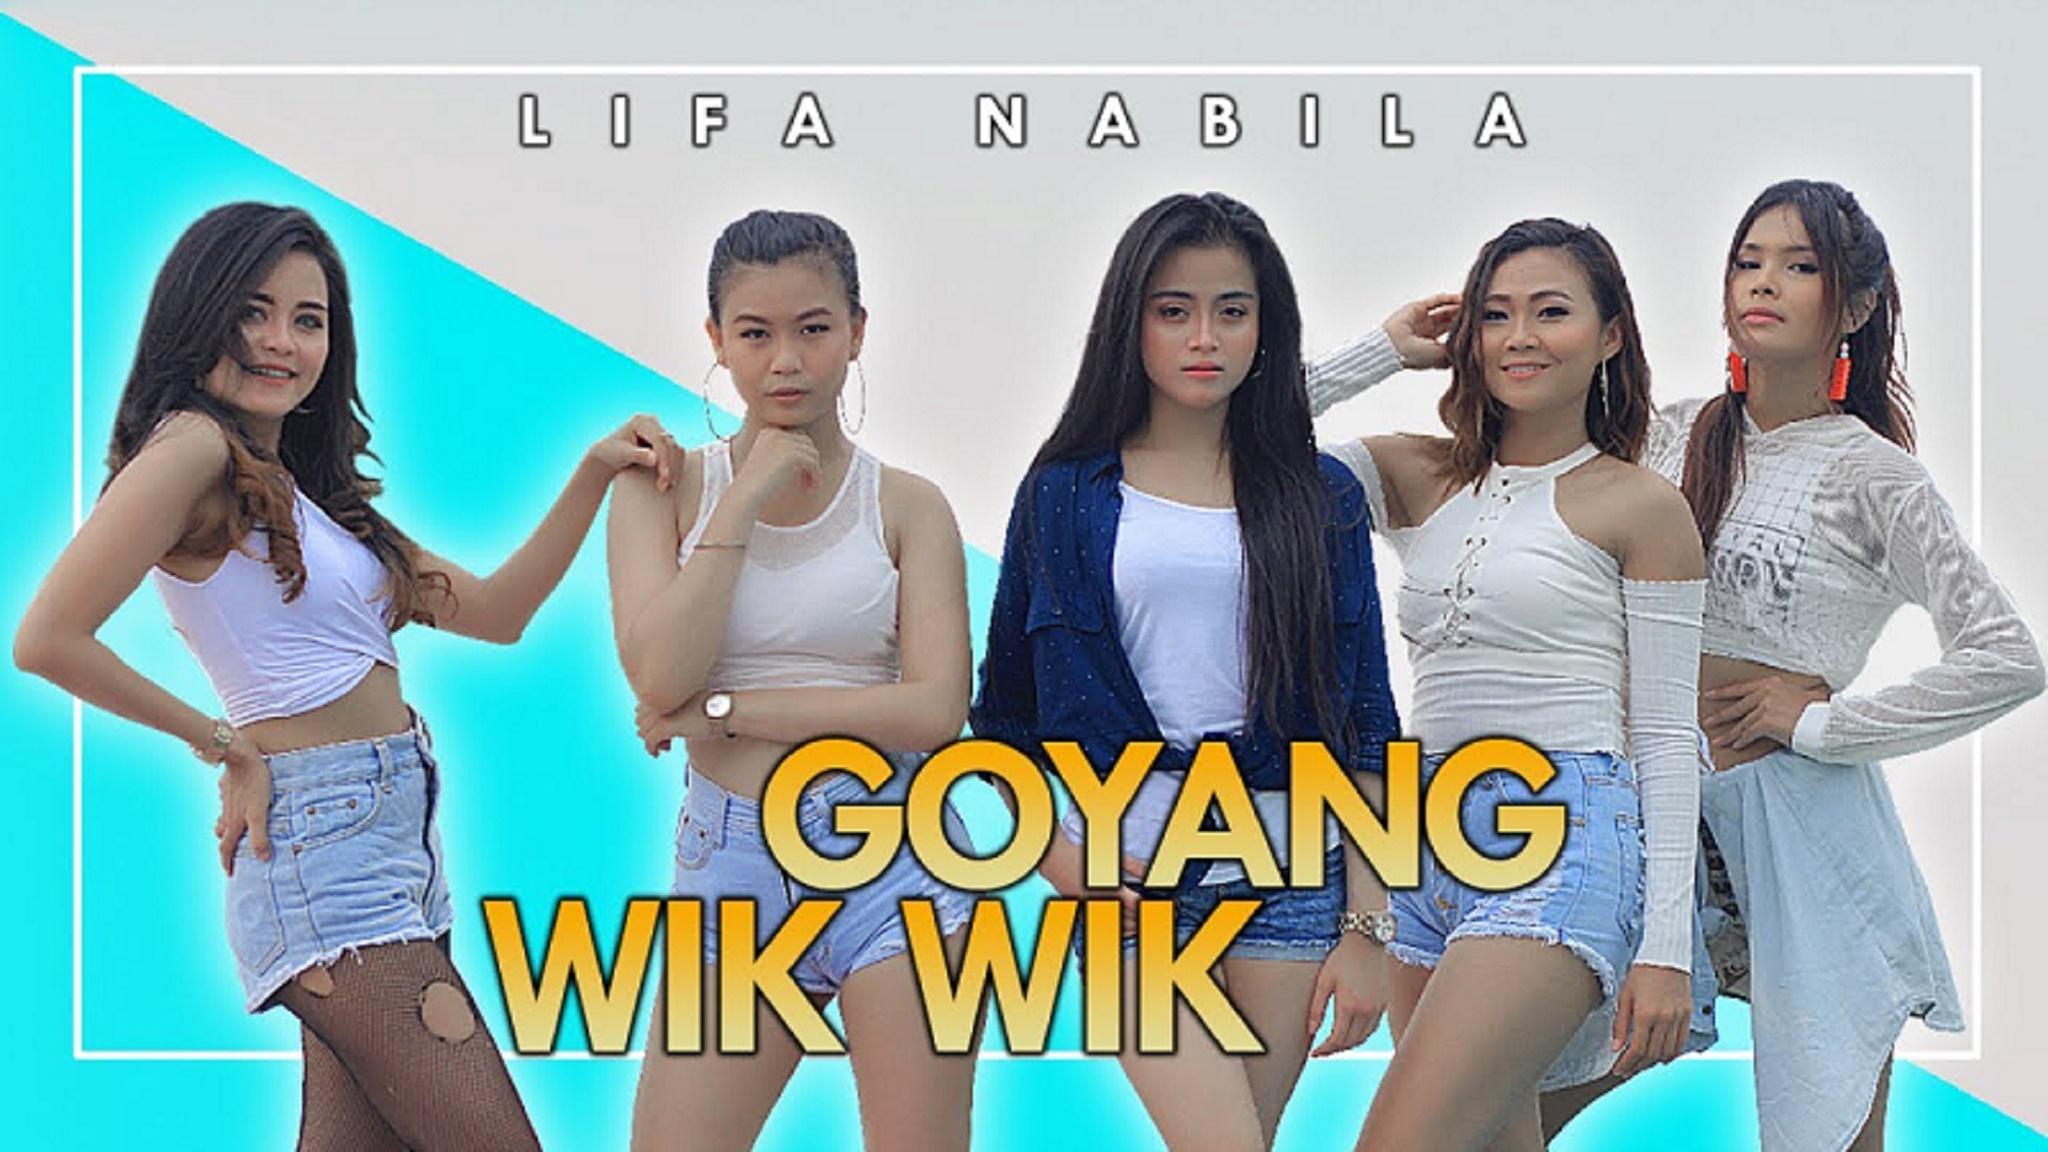 Lifa Nabila - Goyang Wik Wik (Official Music Video) - YouTube